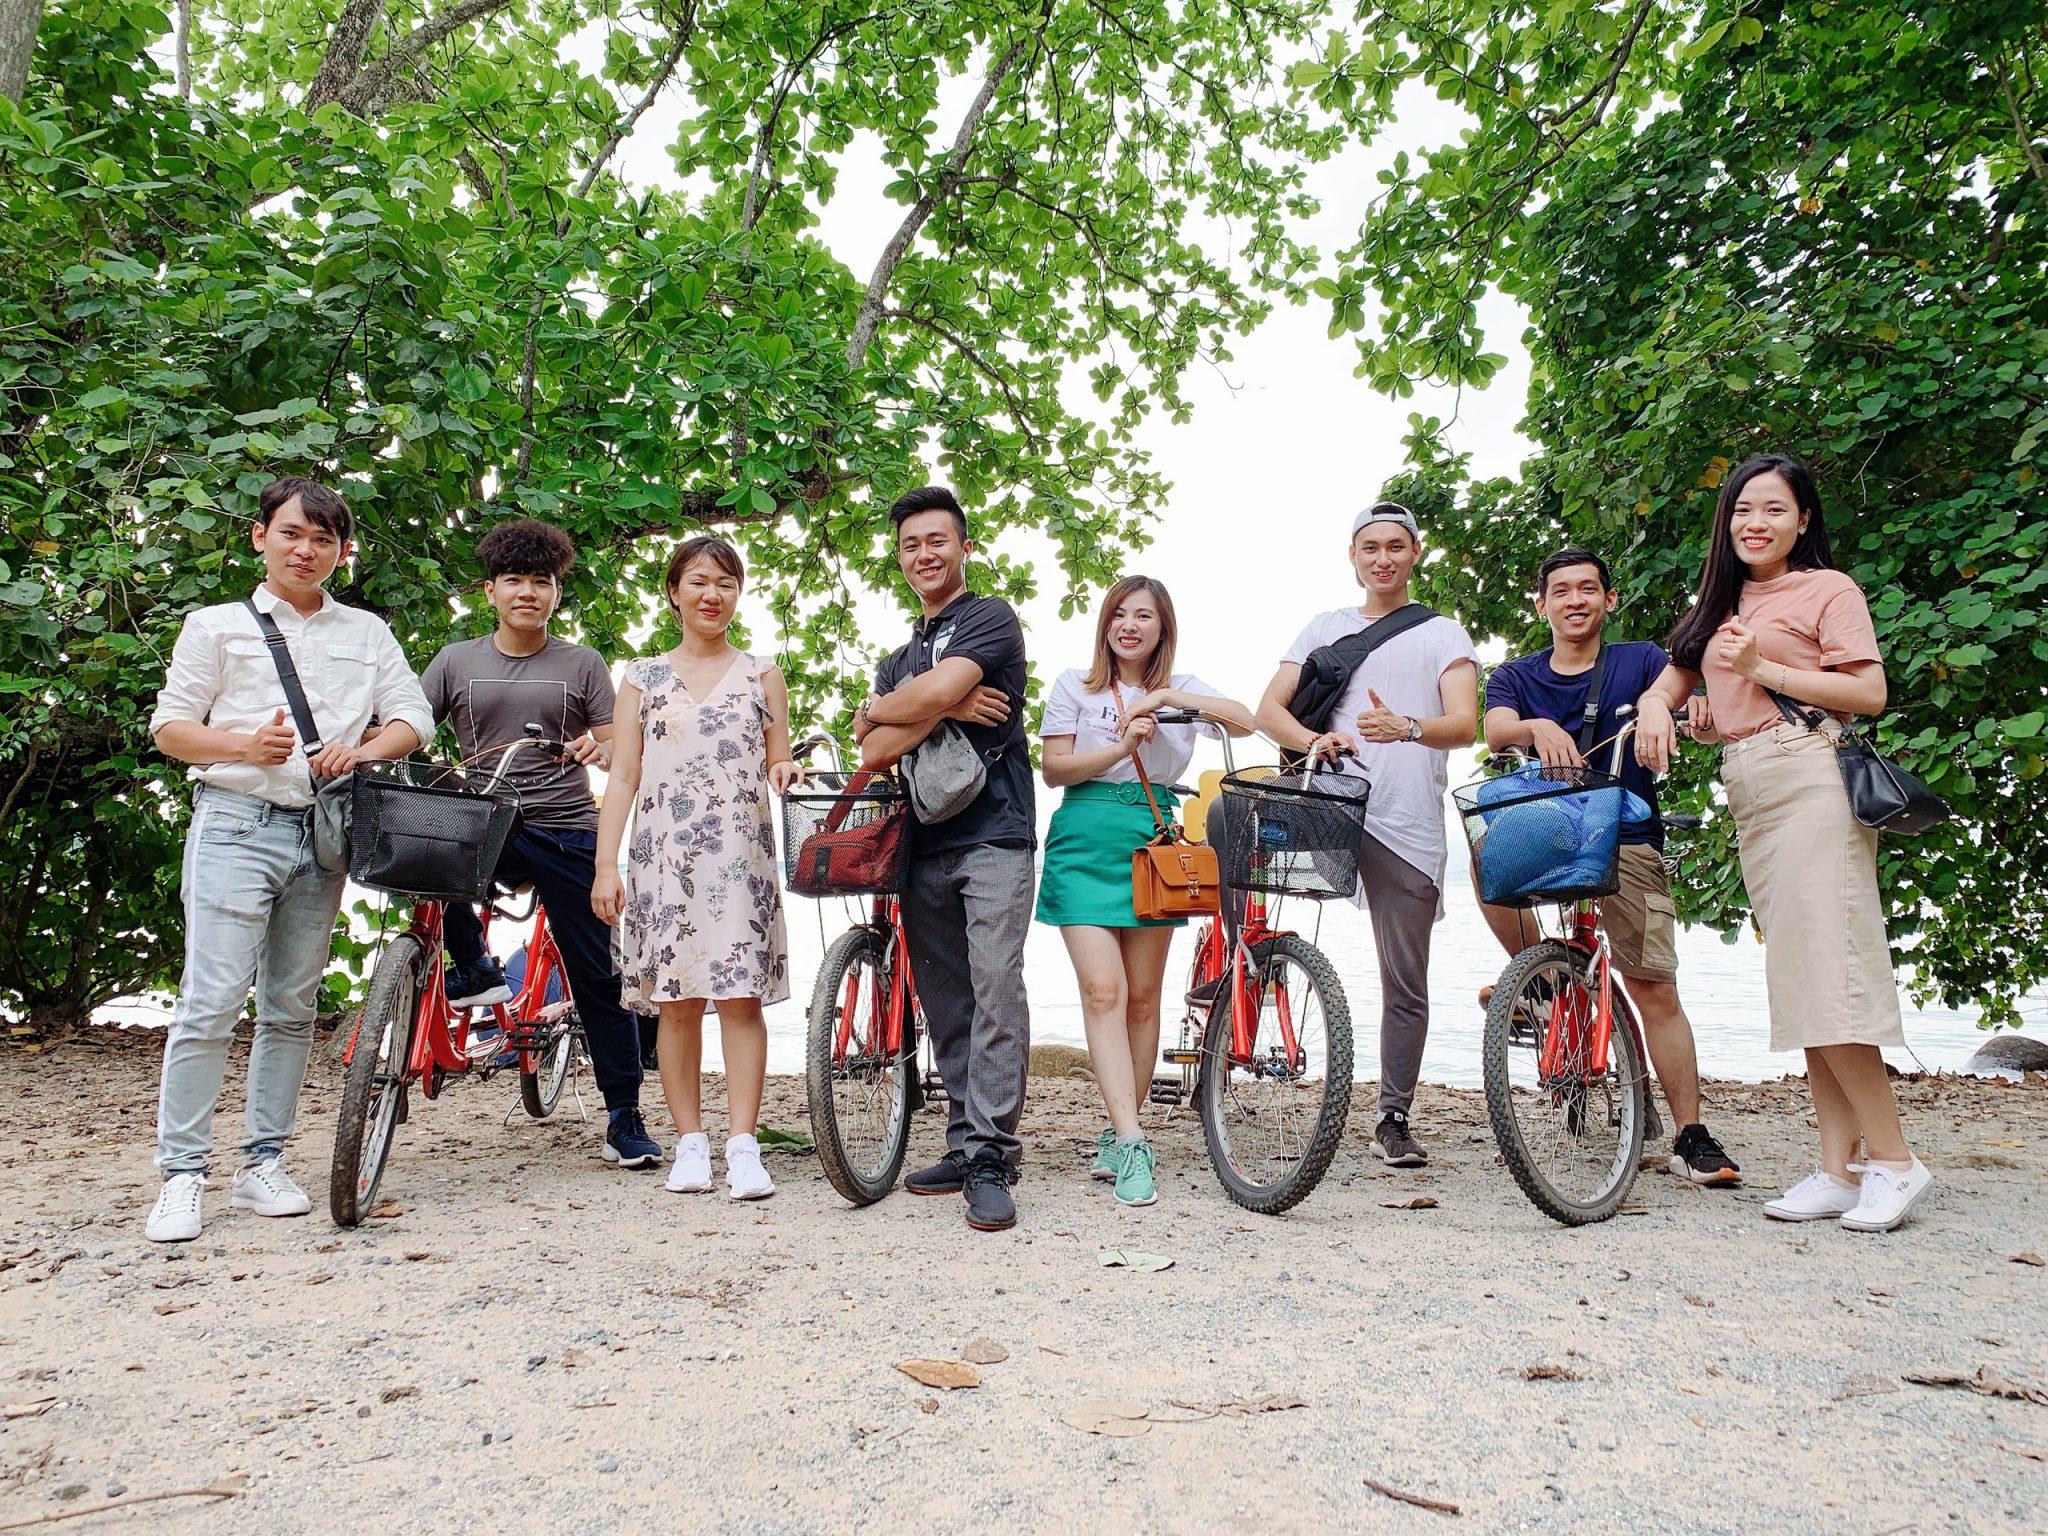 Nhóm 5 trên chuyến hành trình khám phá đảo Ubin Singapore.